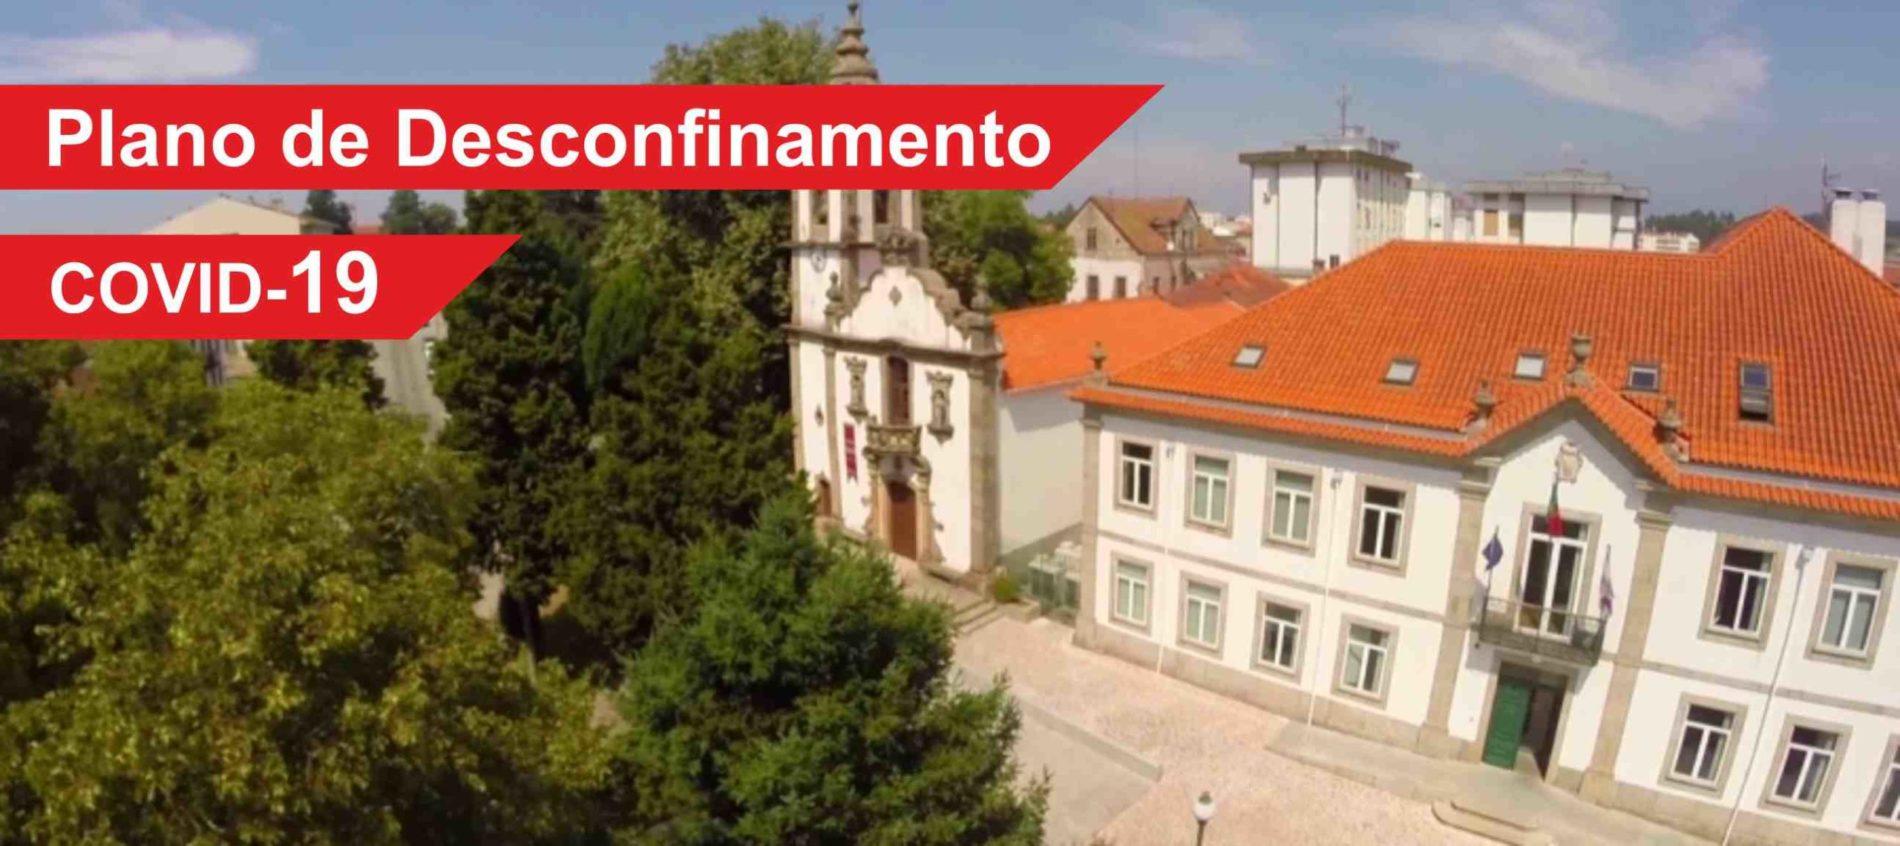 Plano de Desconfinamento: Câmara Municipal reabre ao público dia 11 de maio